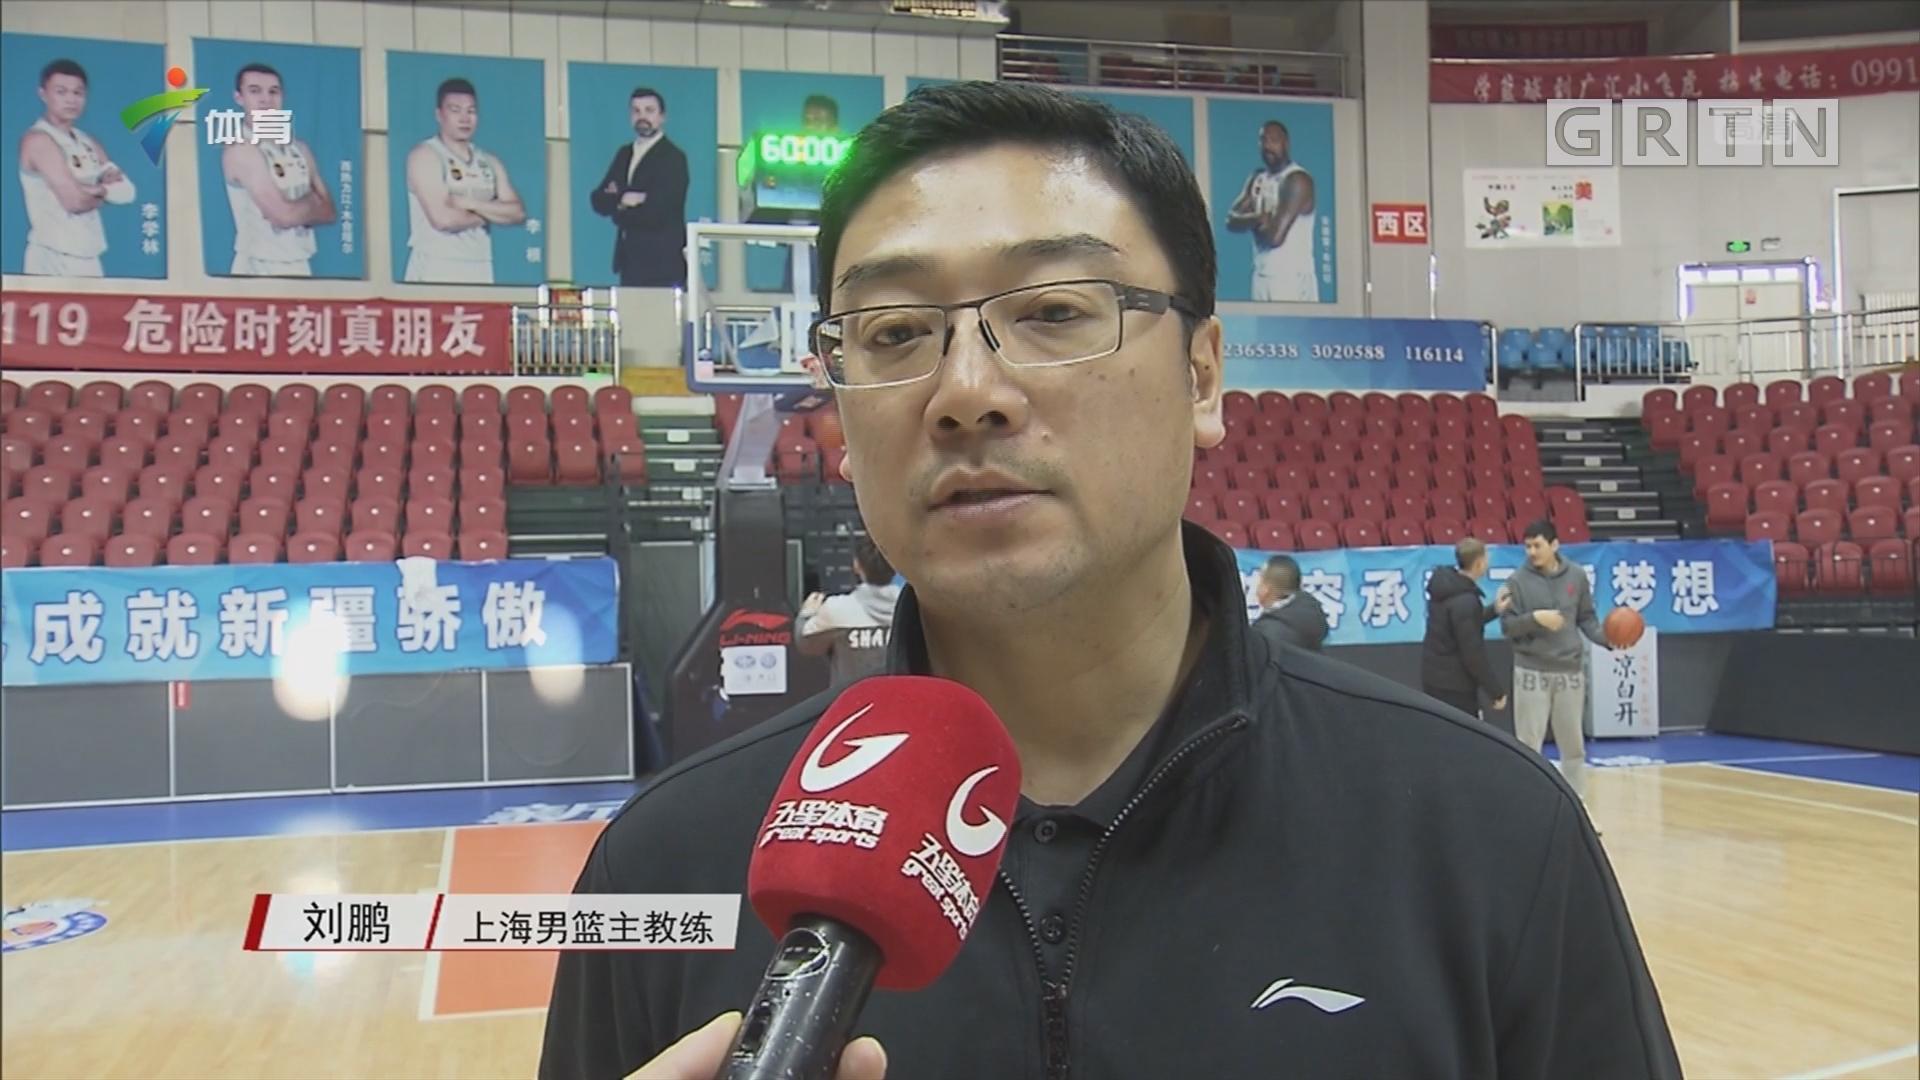 今晚挑战卫冕冠军 上海男篮不失信心